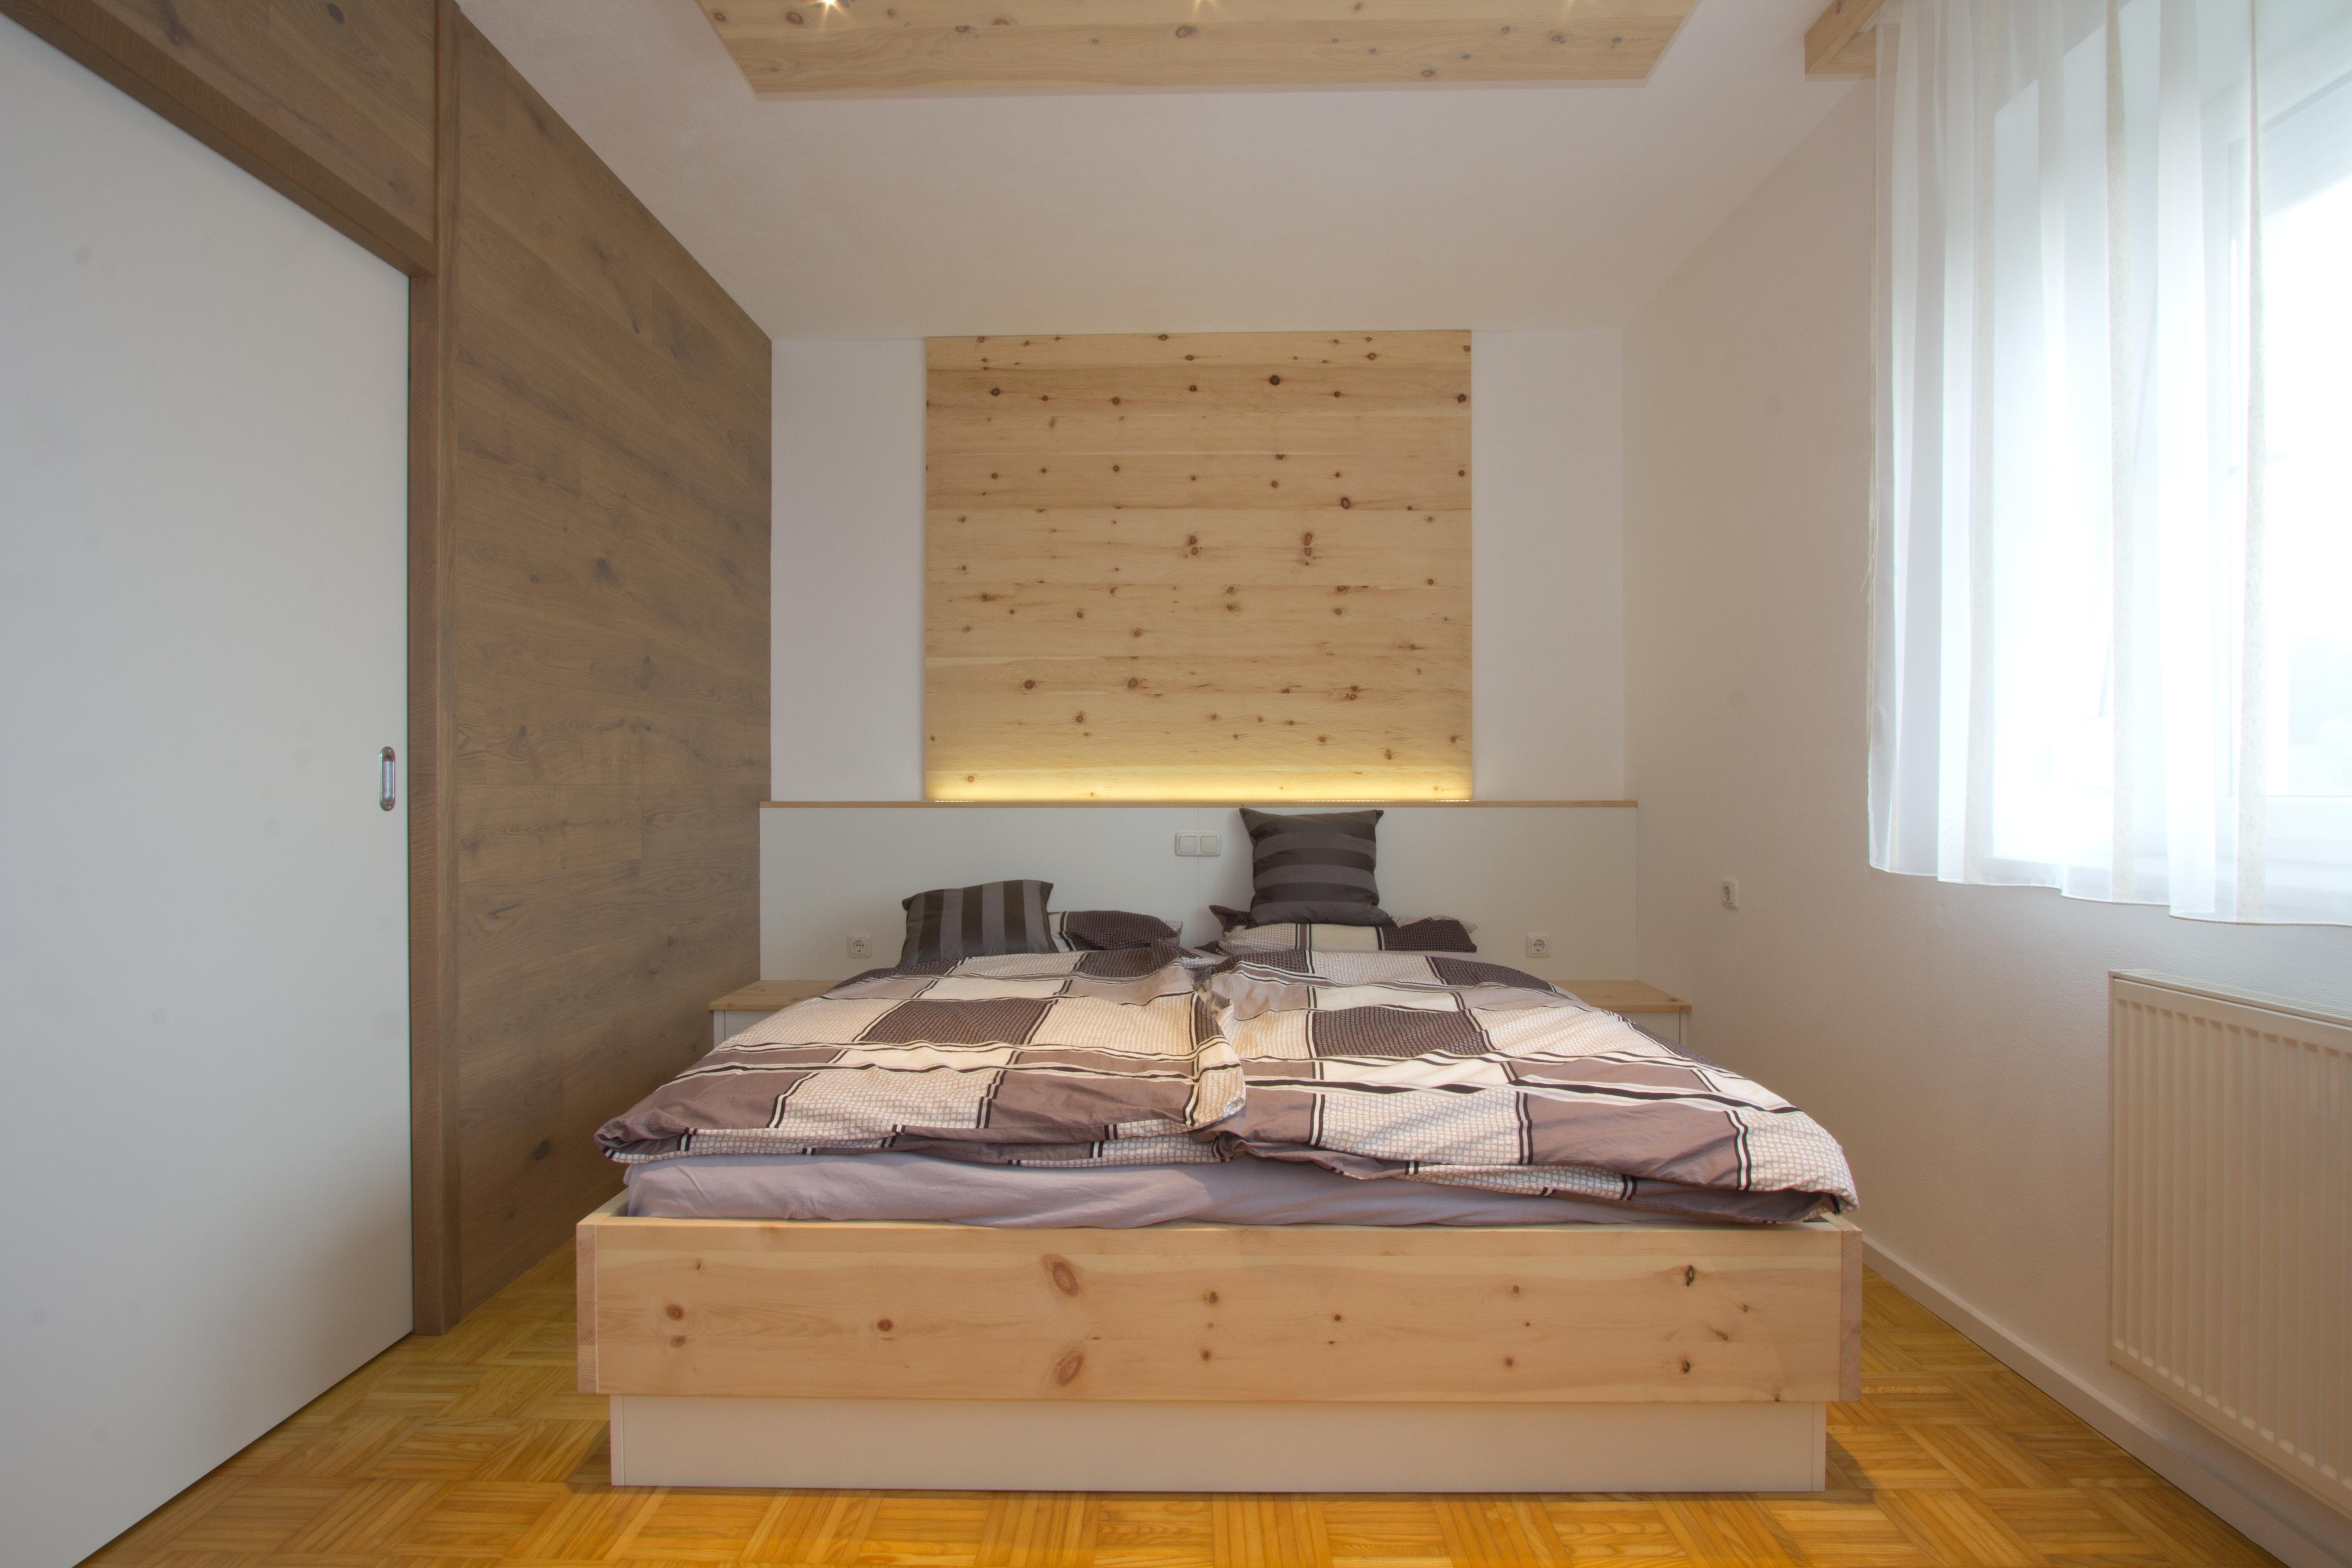 zirbenschlafzimmer zur erholung listberger tischlerei. Black Bedroom Furniture Sets. Home Design Ideas